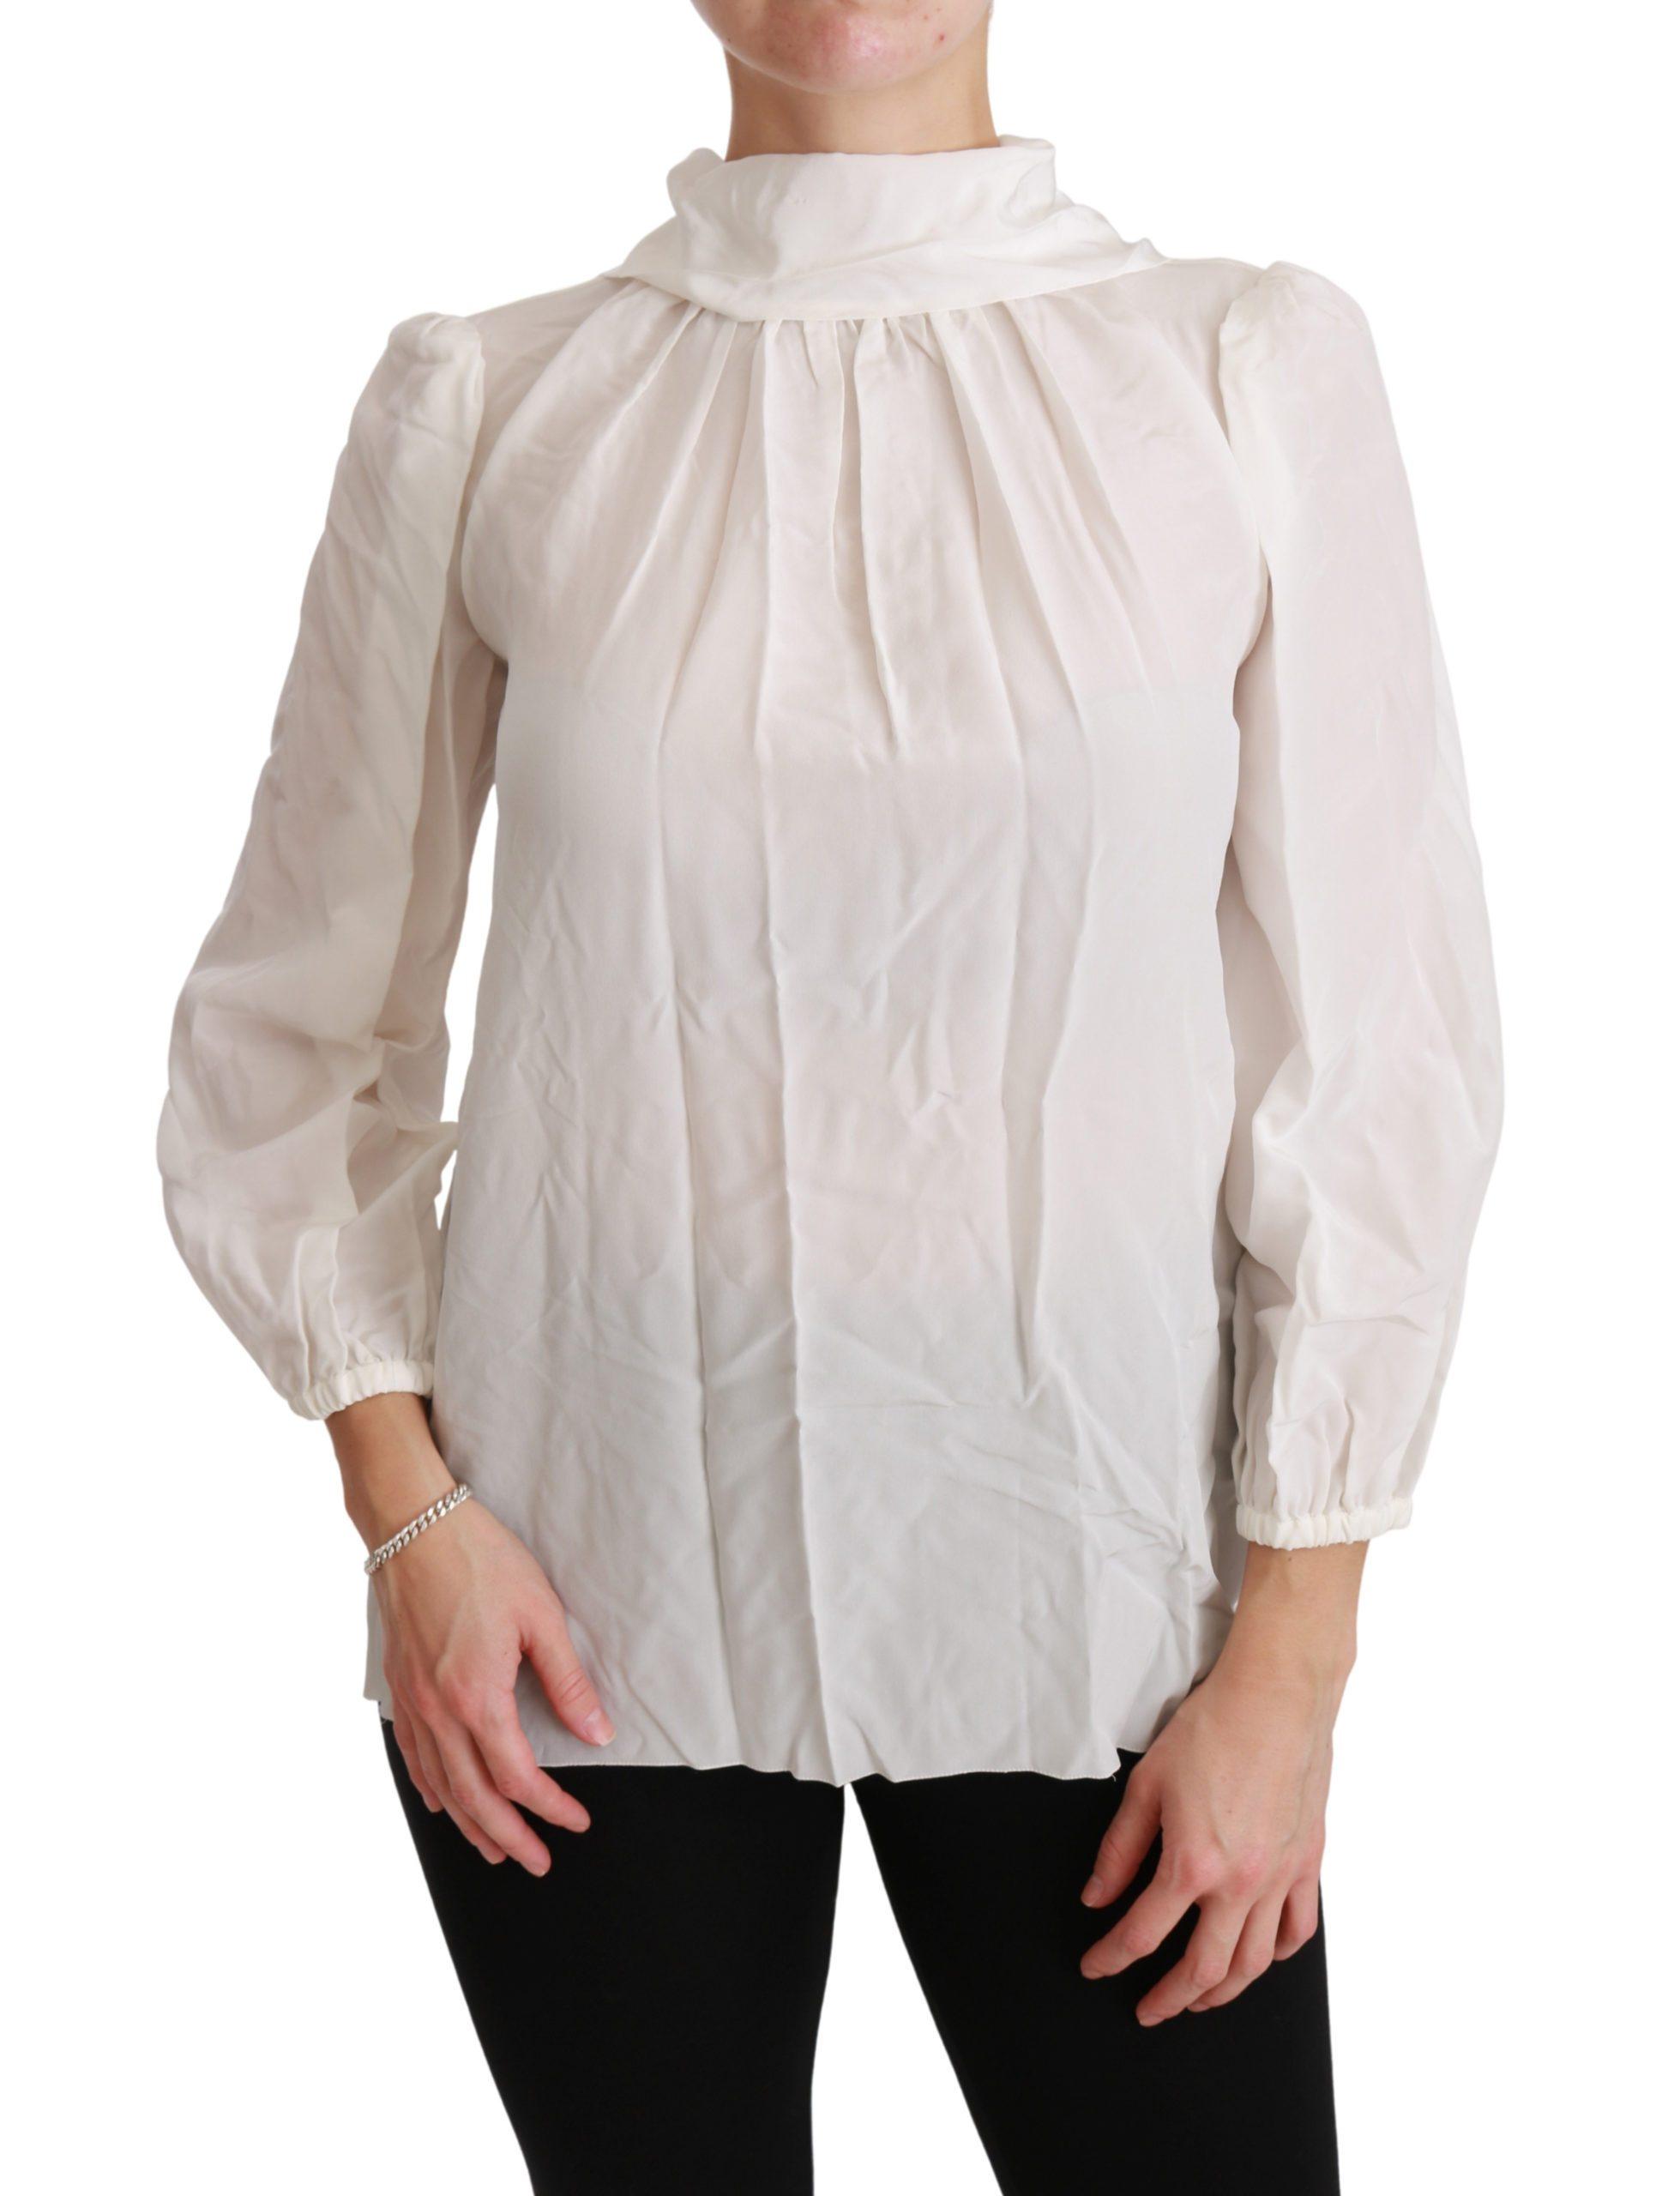 Dolce & Gabbana Women's Turtle Neck Top White TSH4402 - IT38|XS